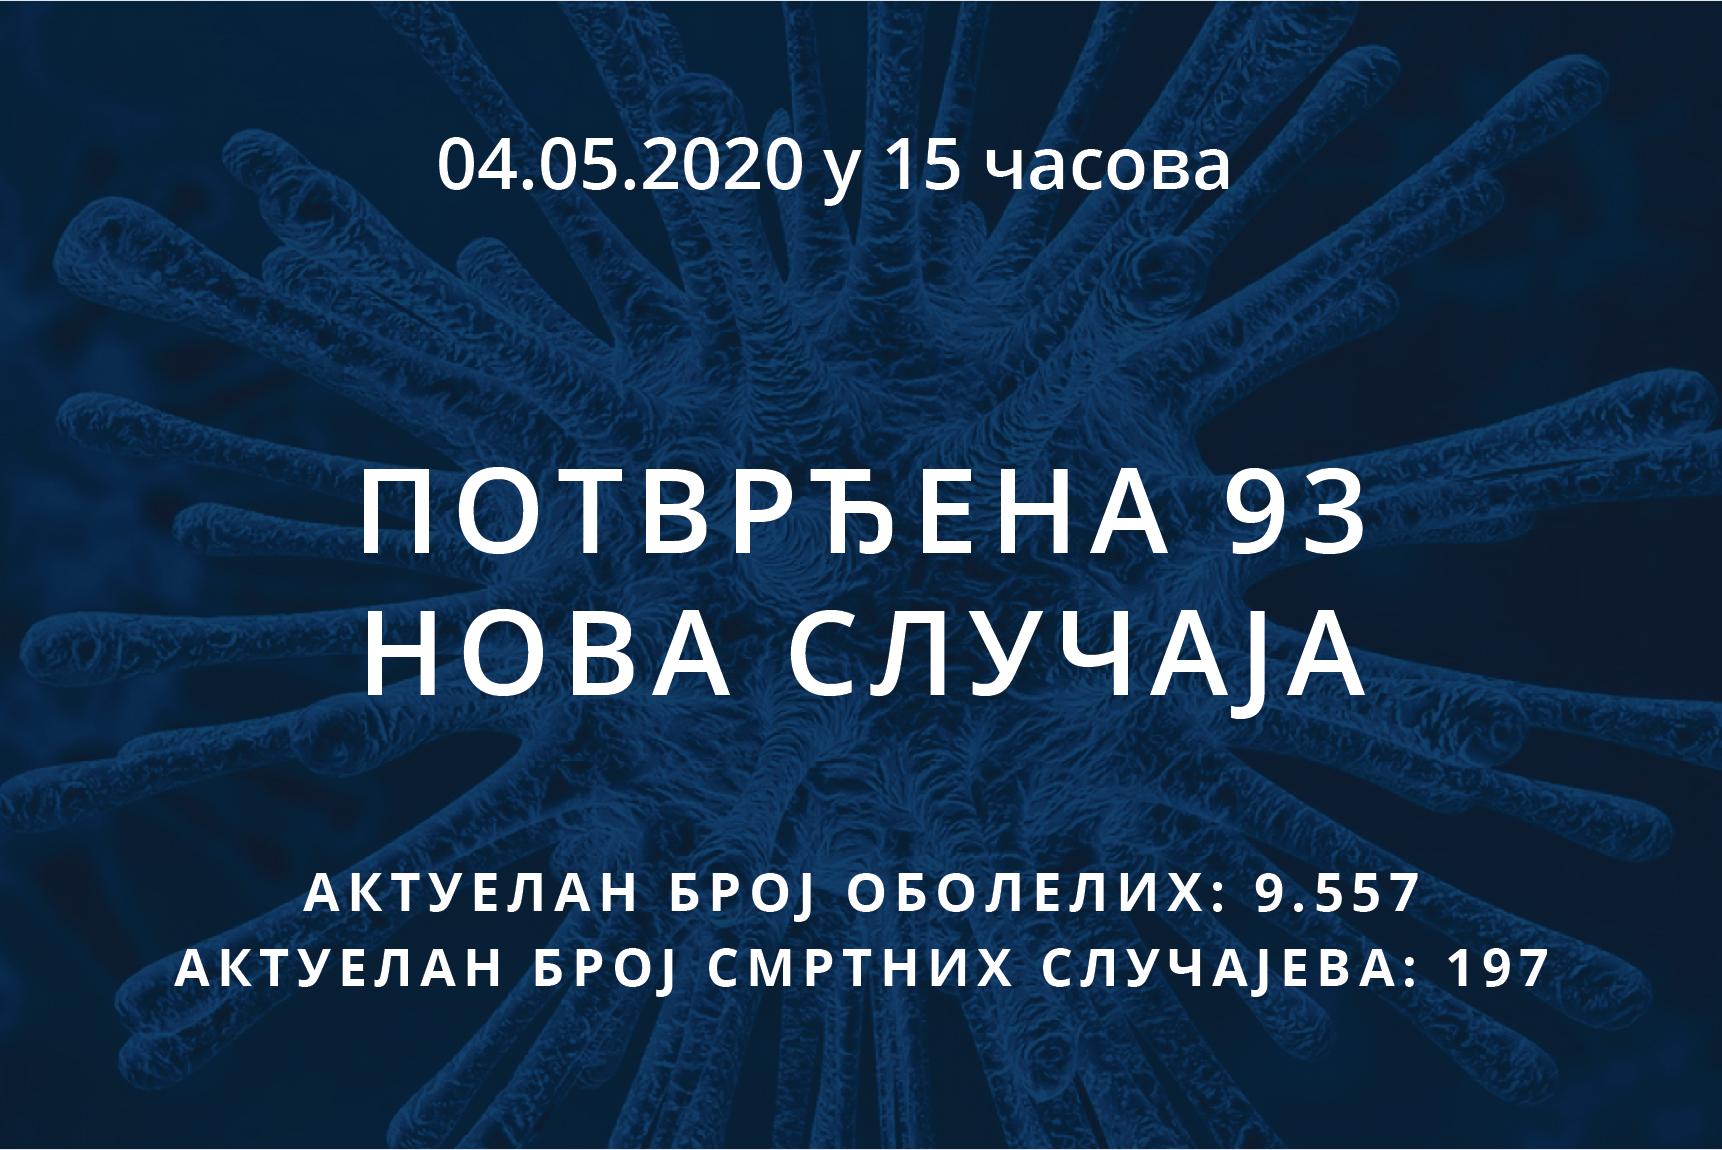 Информације о корона вирусу COVID-19, 04.05.2020 у 15 часова